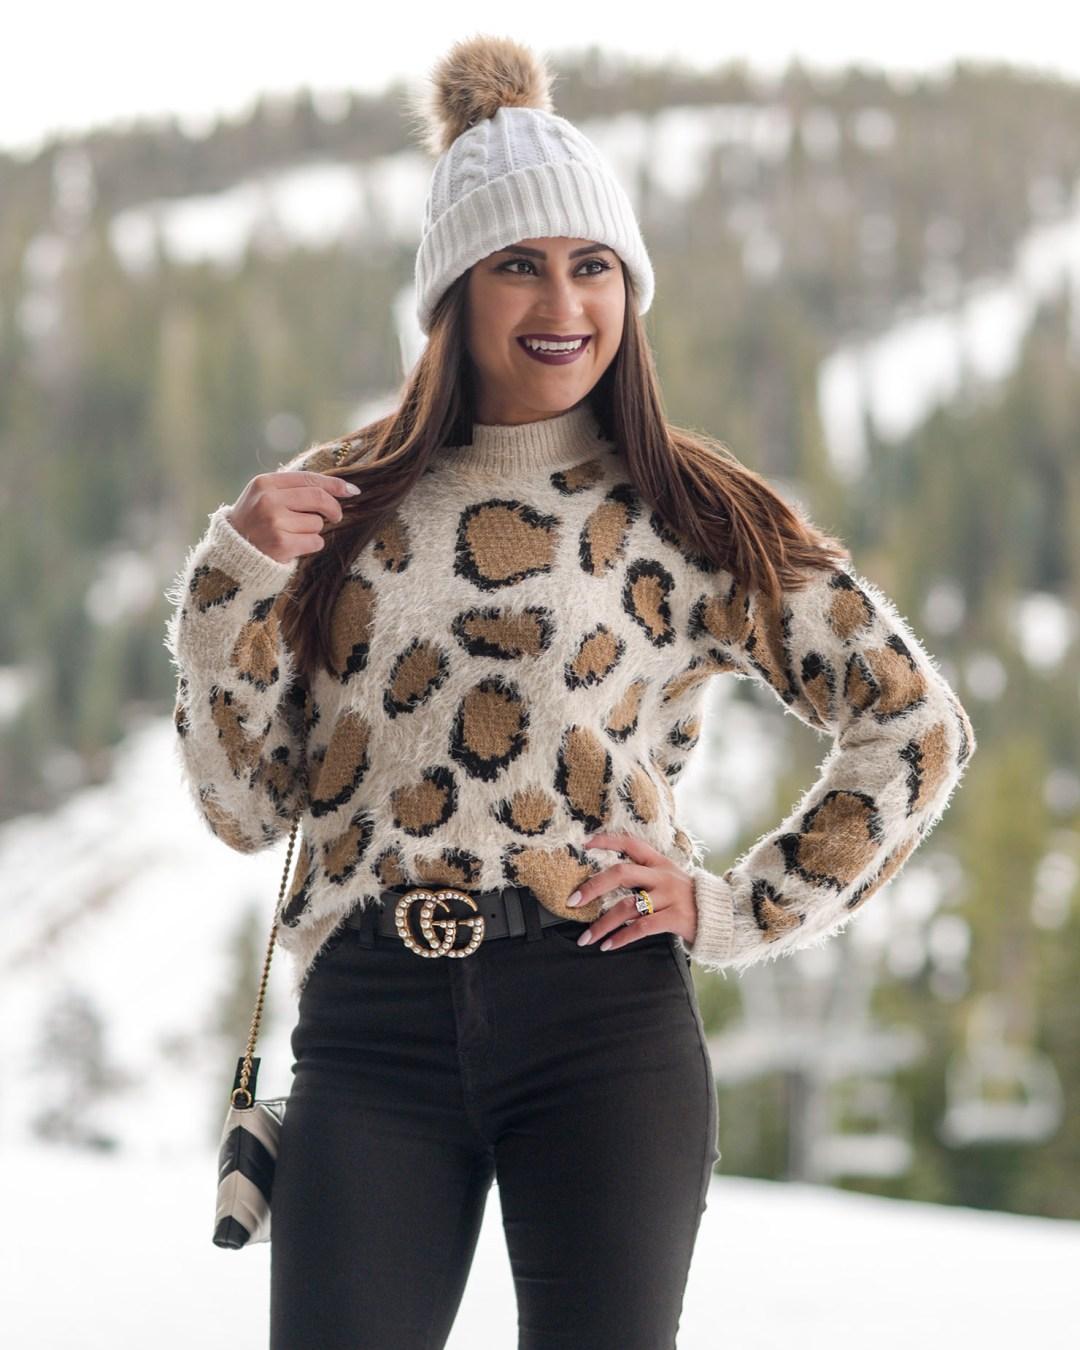 Lifestyle blogger Kelsey Kaplan of Kelsey Kaplan Fashion wearing leopard sweater at Ritz Carlton Lake Tahoe